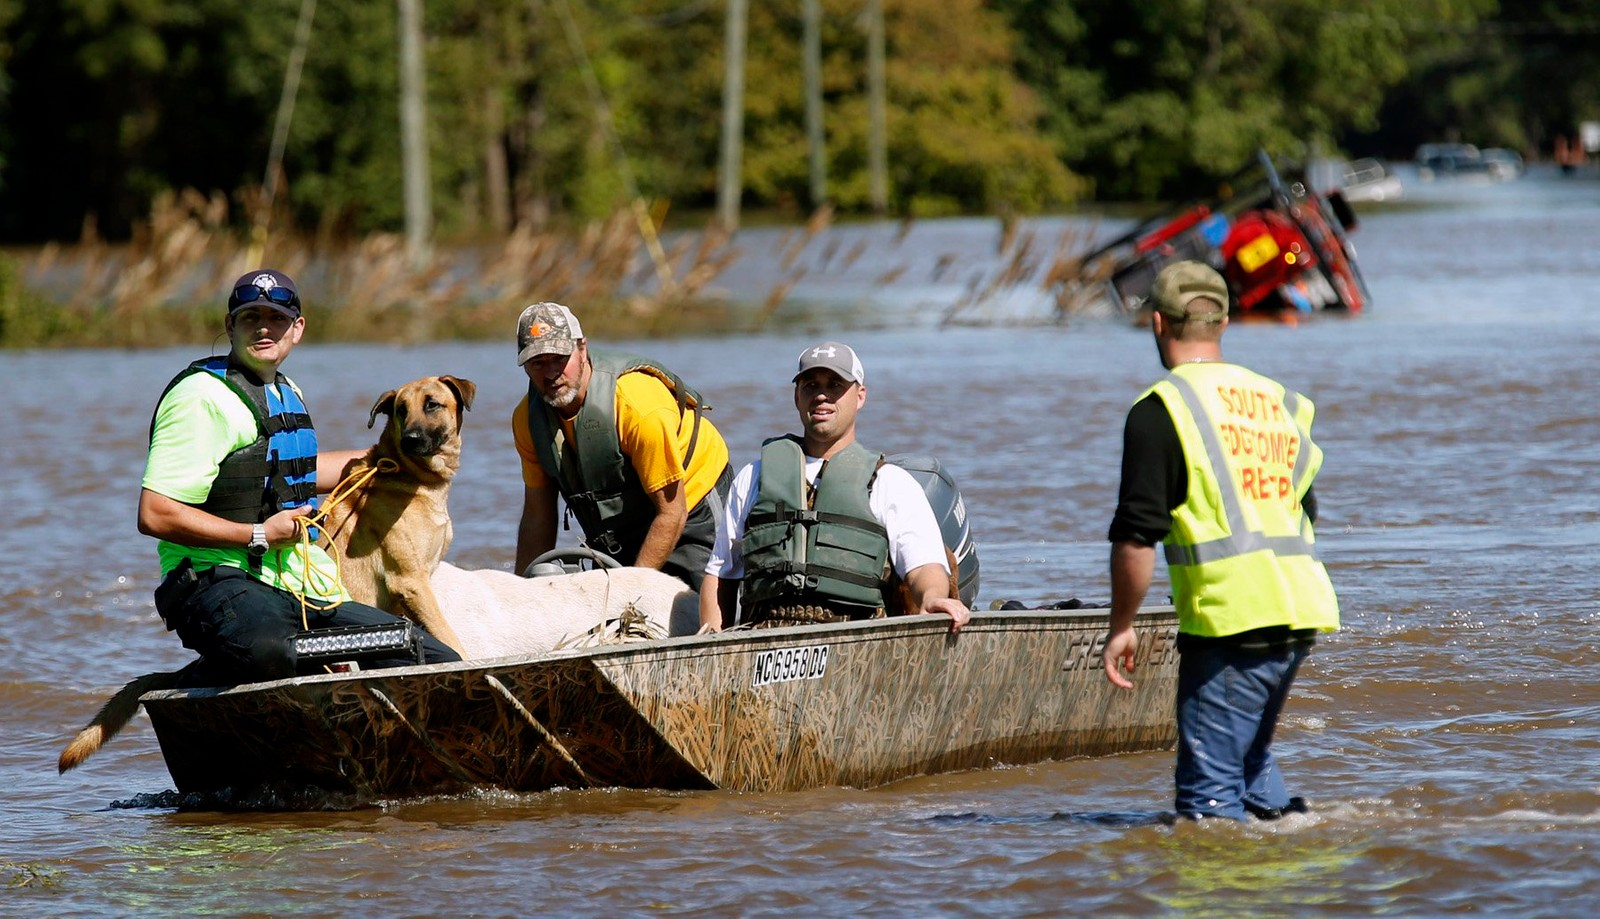 South Edgecombe Fire and Rescue redder flere hunder fra hjem under vann i Pinetops, Nord-Carolina, søndag.